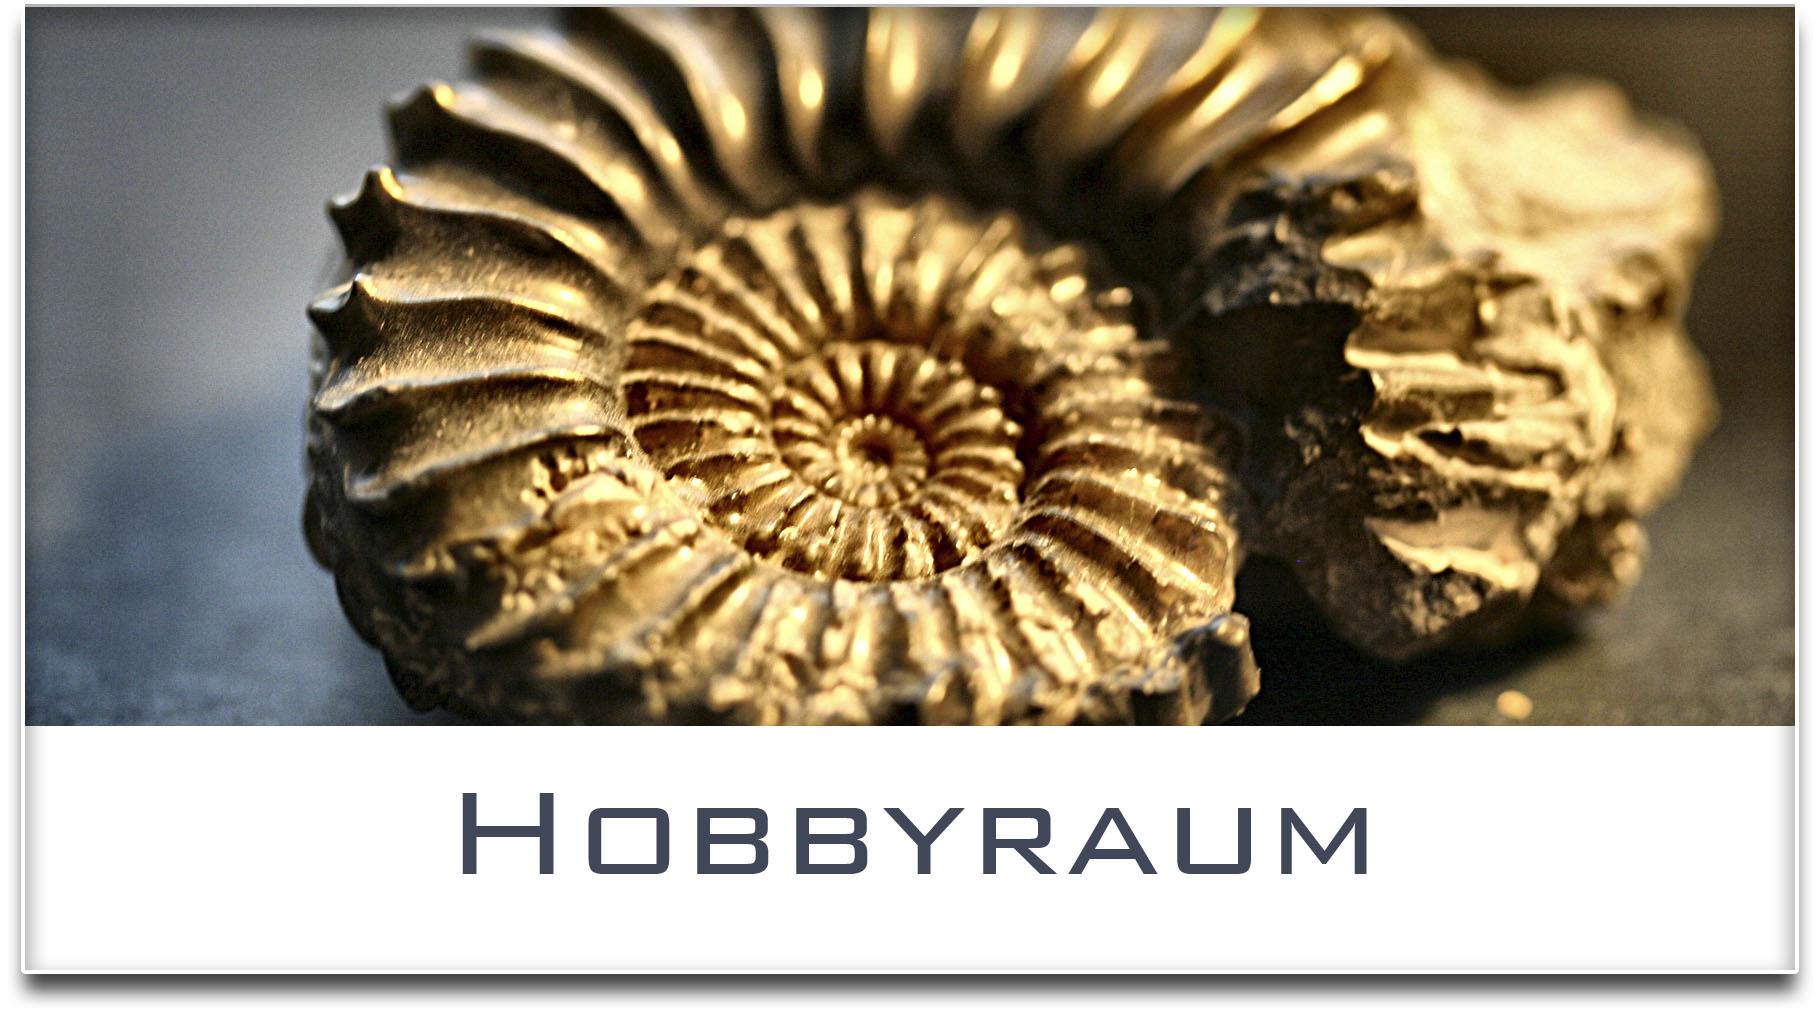 Türschild / Haustürschild / Versteinerte Muschel / Hobbyraum / Selbstklebend